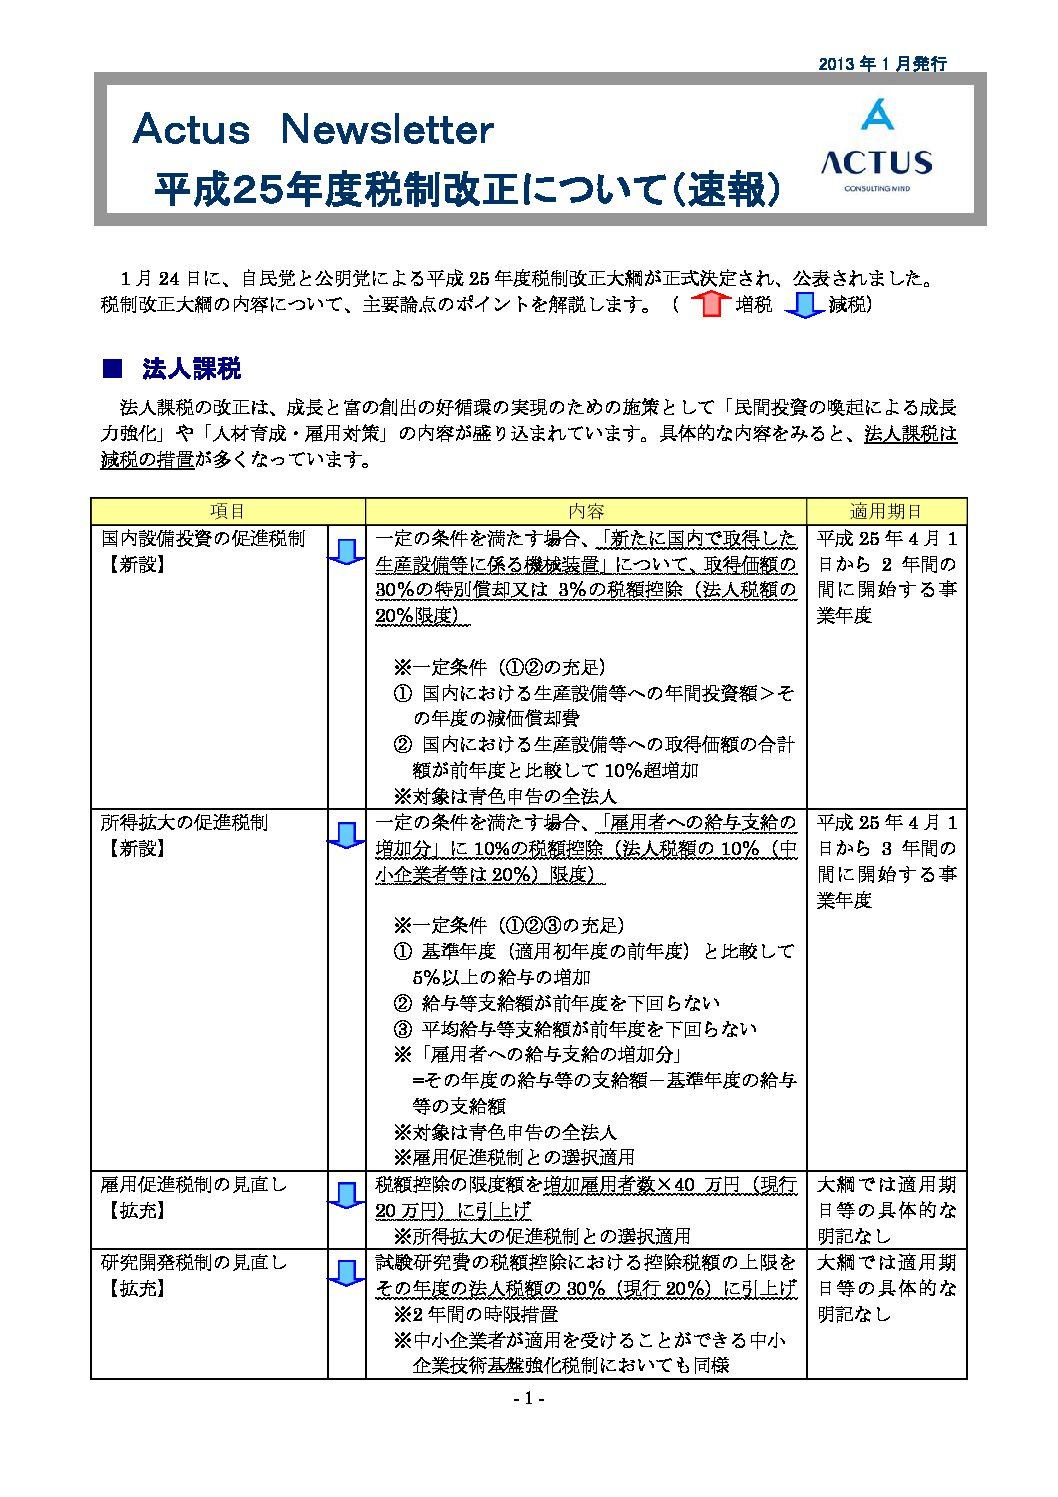 平成25年度税制改正について(速報)